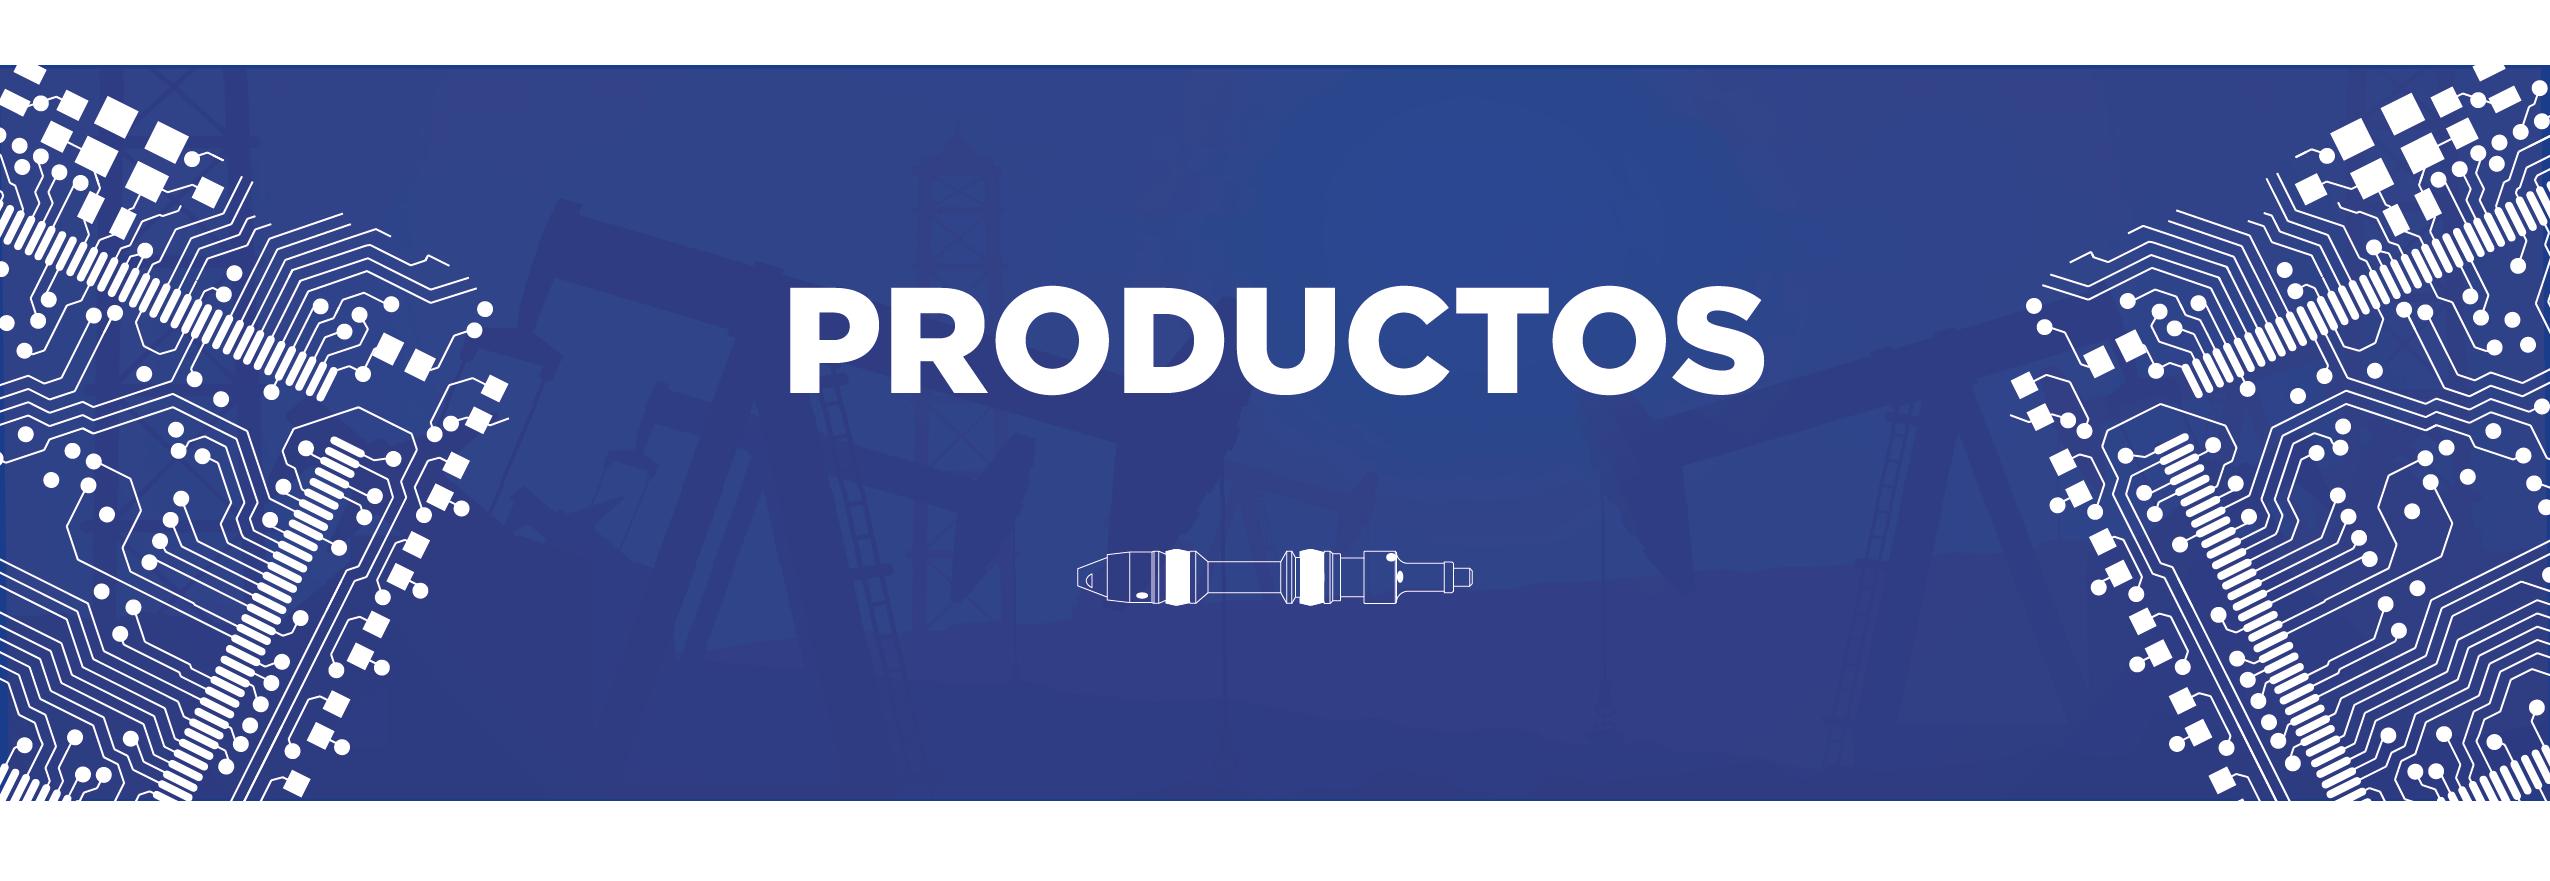 productos-01